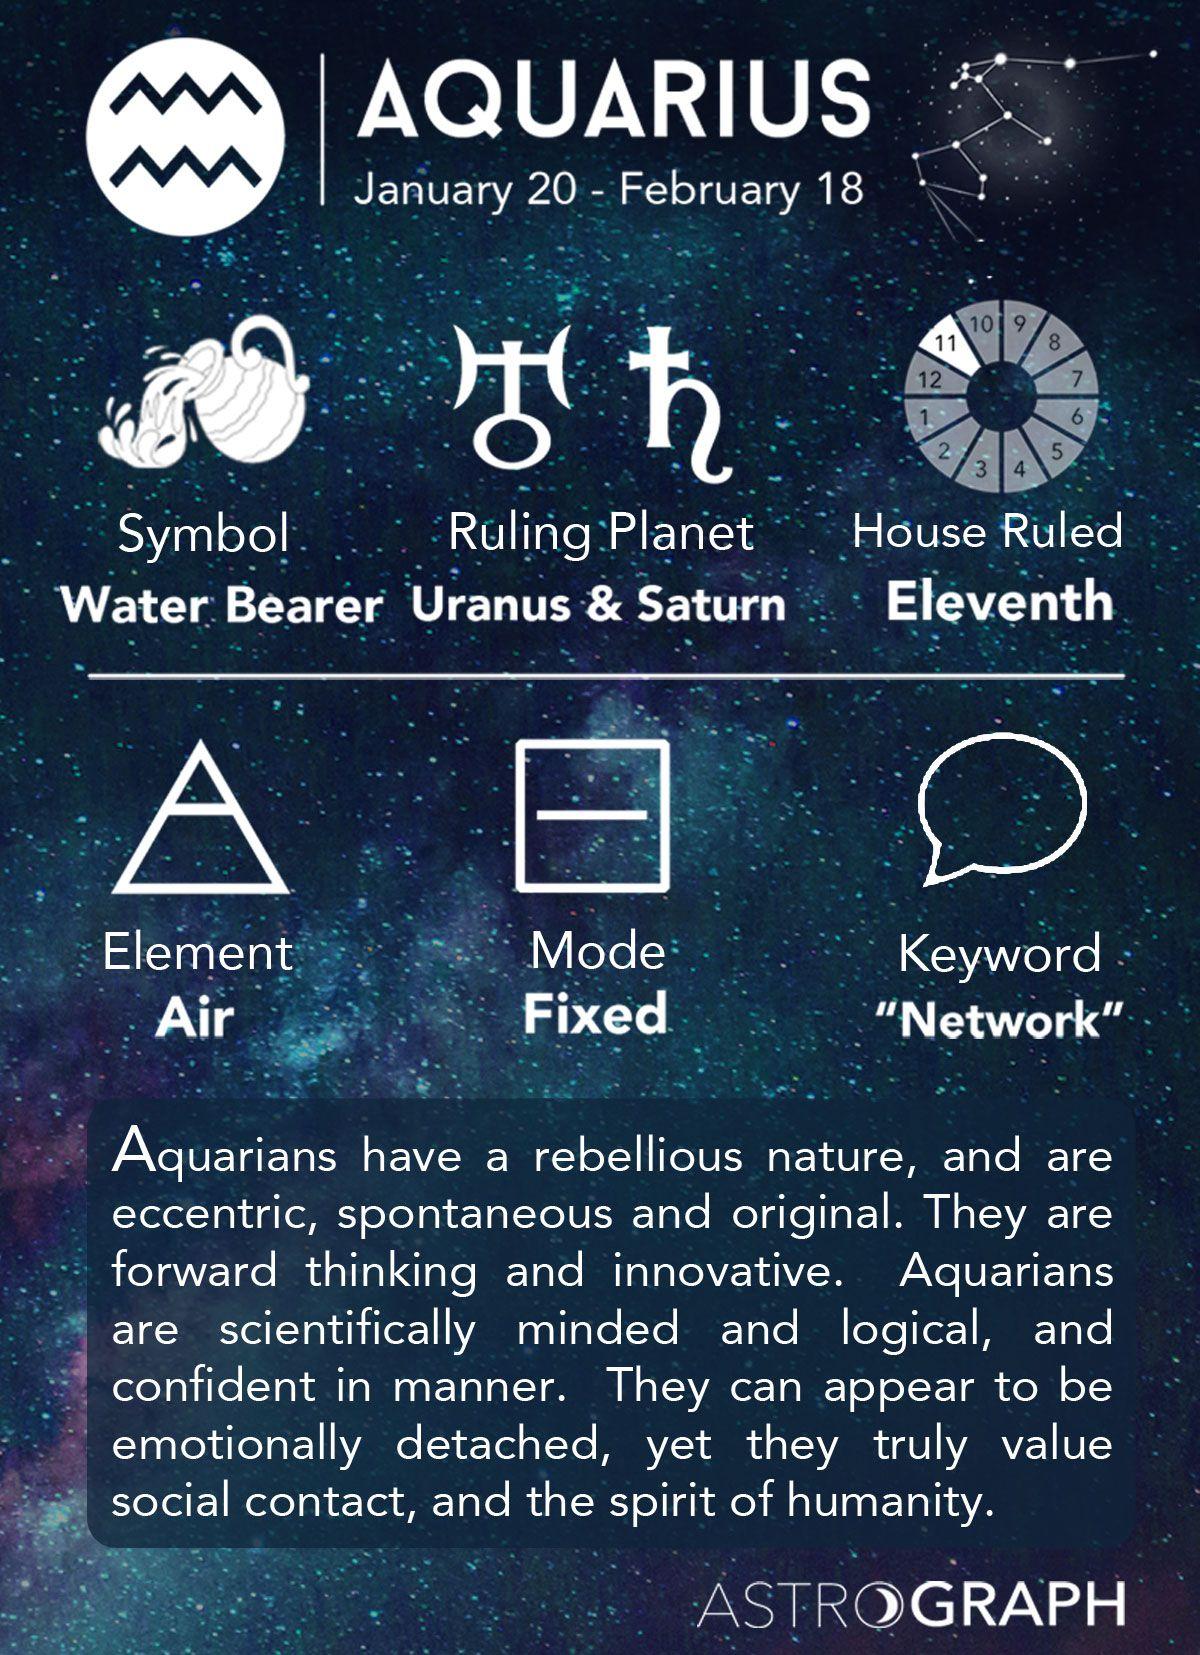 Que metais e pedras son axeitados para o Aquarius